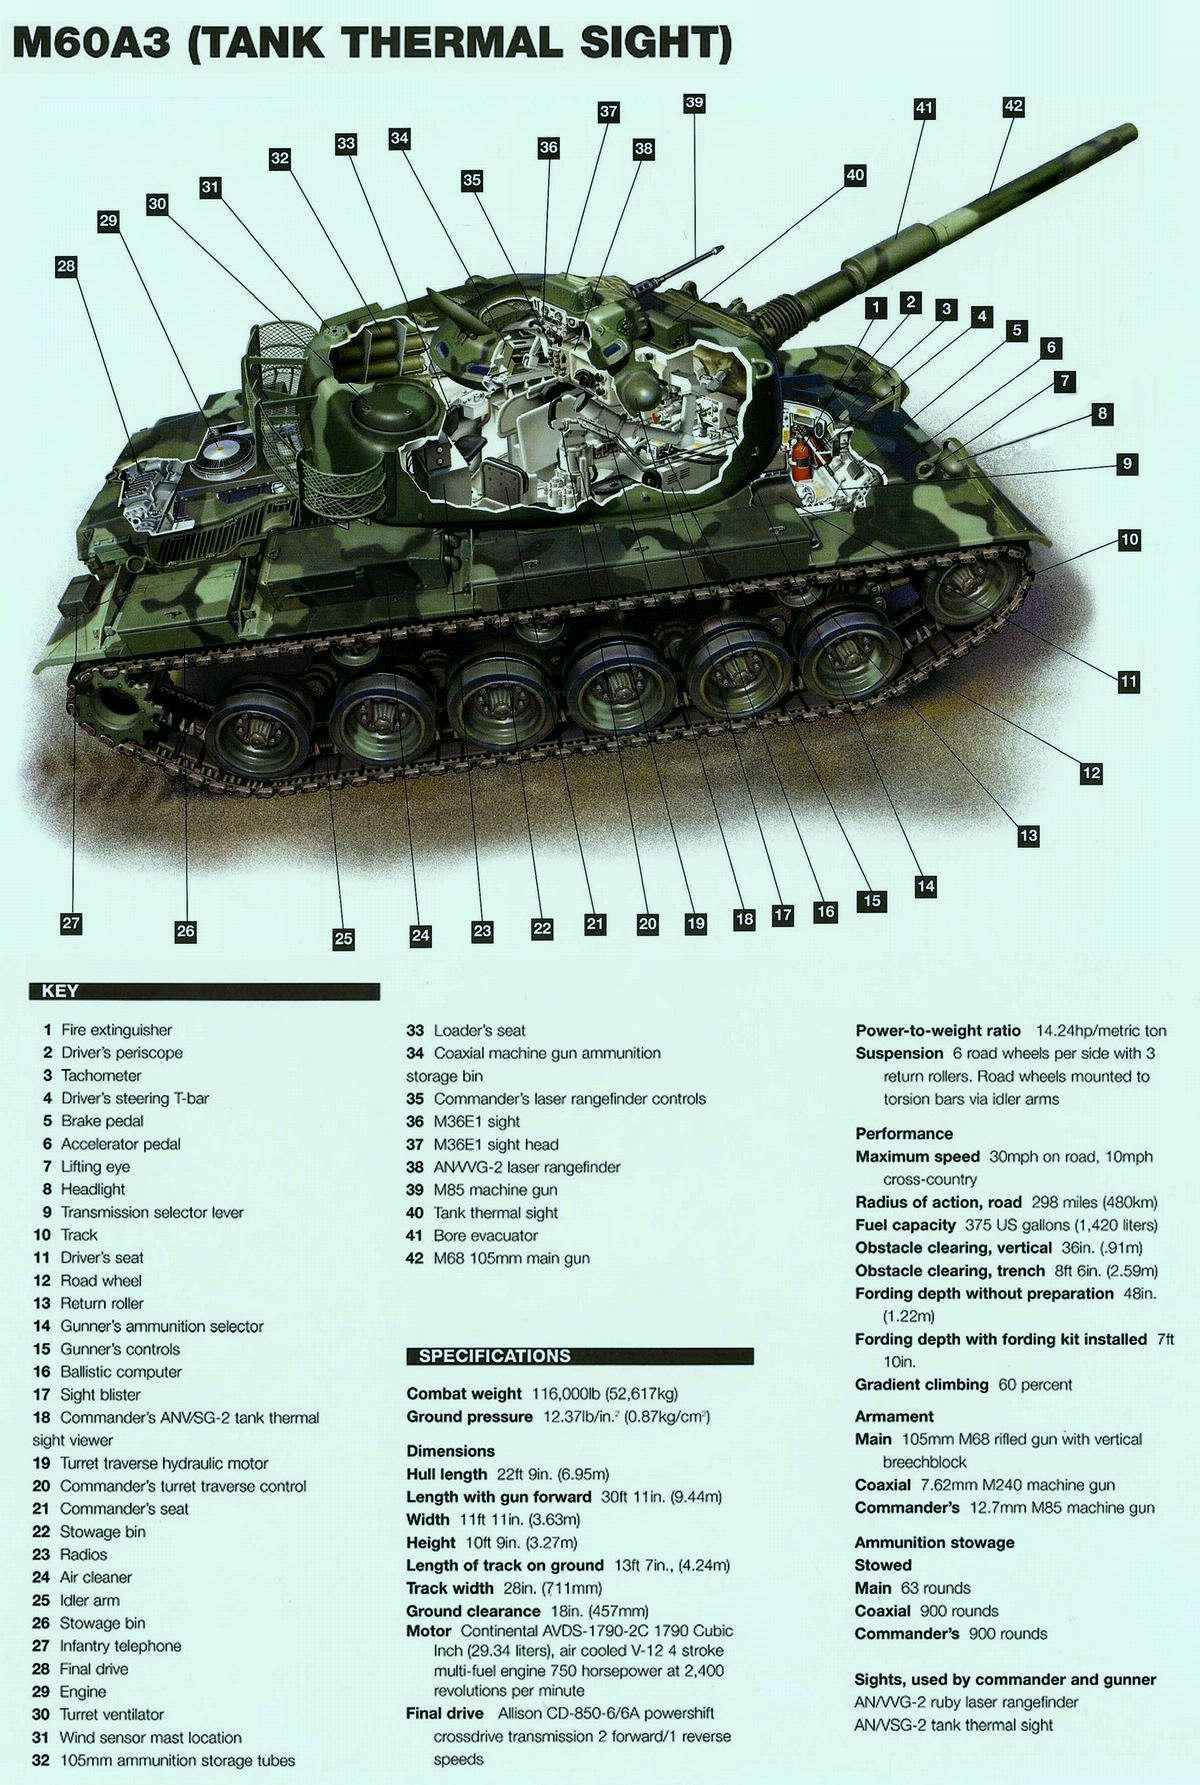 M60A3 - основной боевой танк, 1978 год (США)